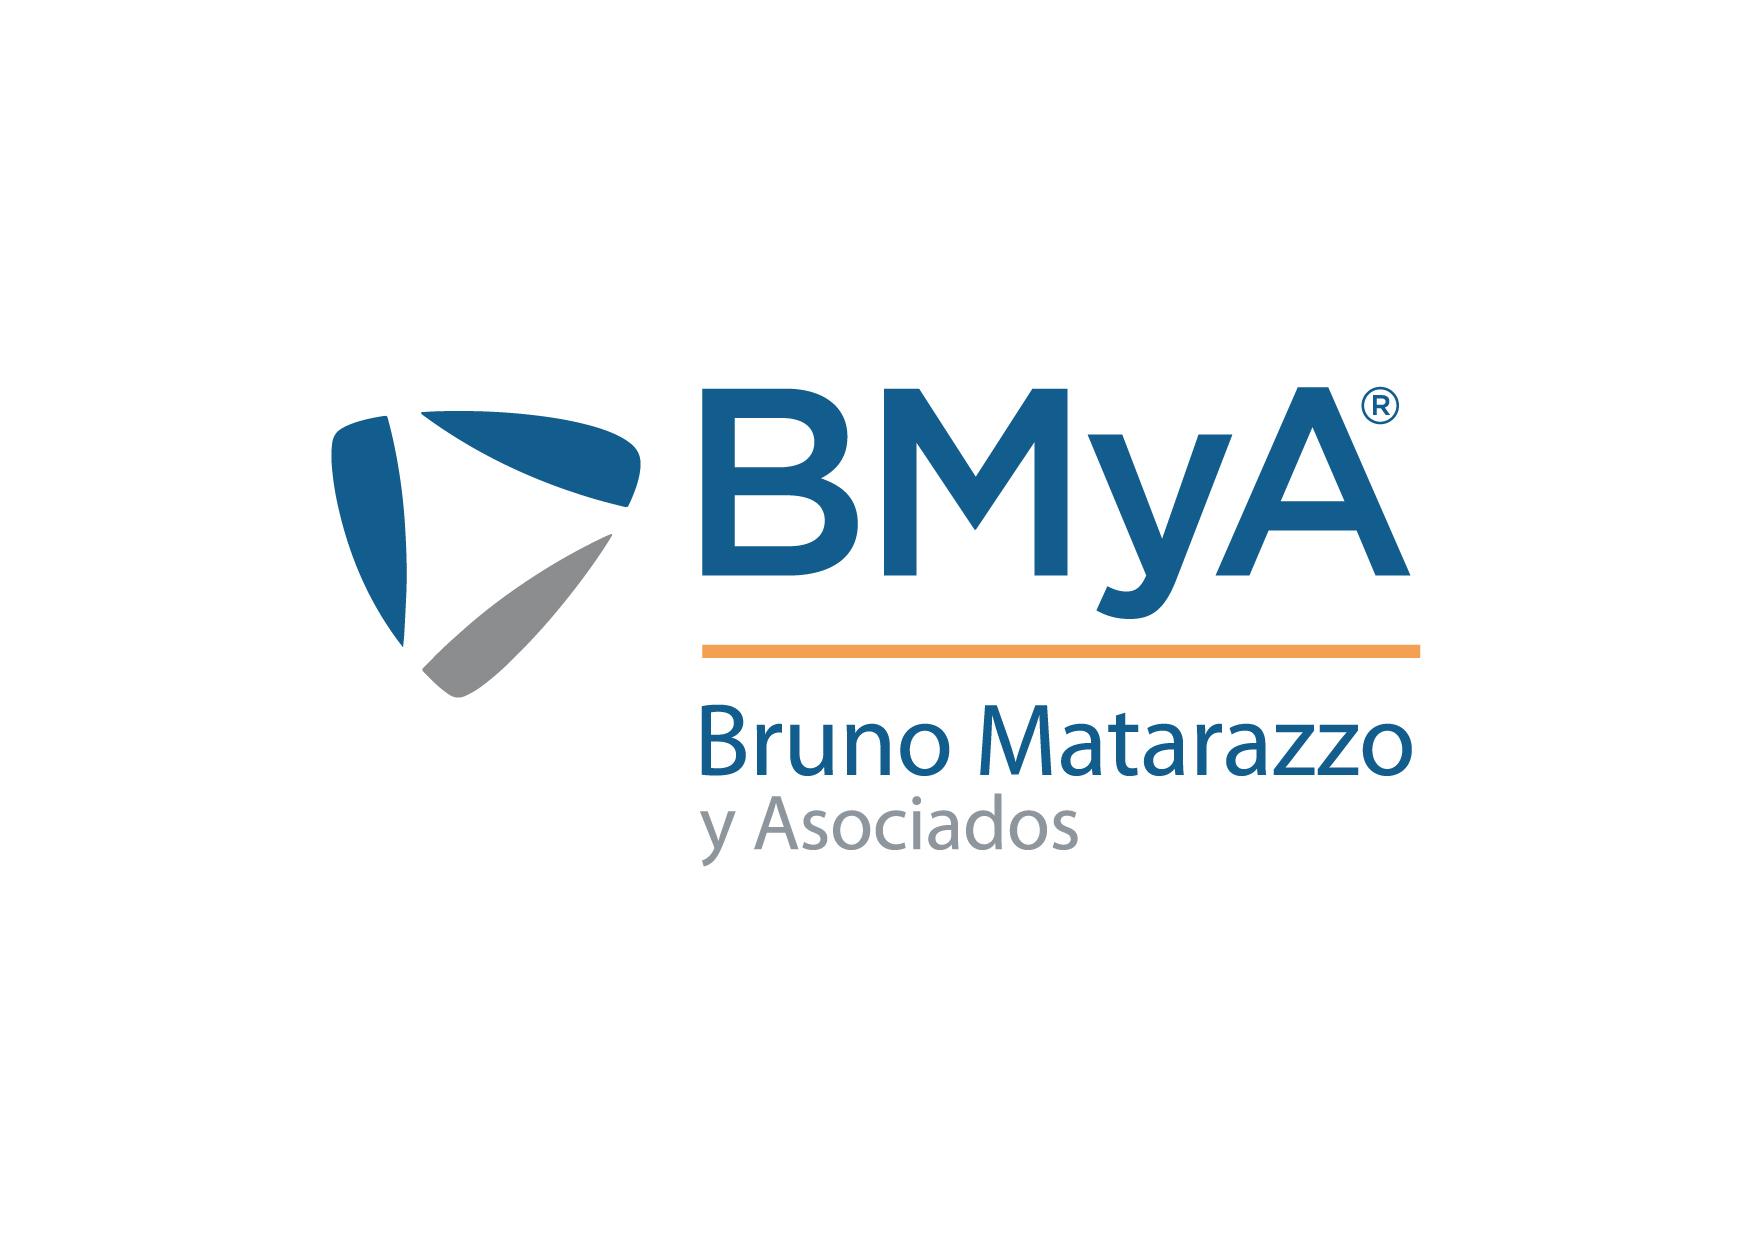 Logo for BMyA / Bruno Matarazzo y Asoc.